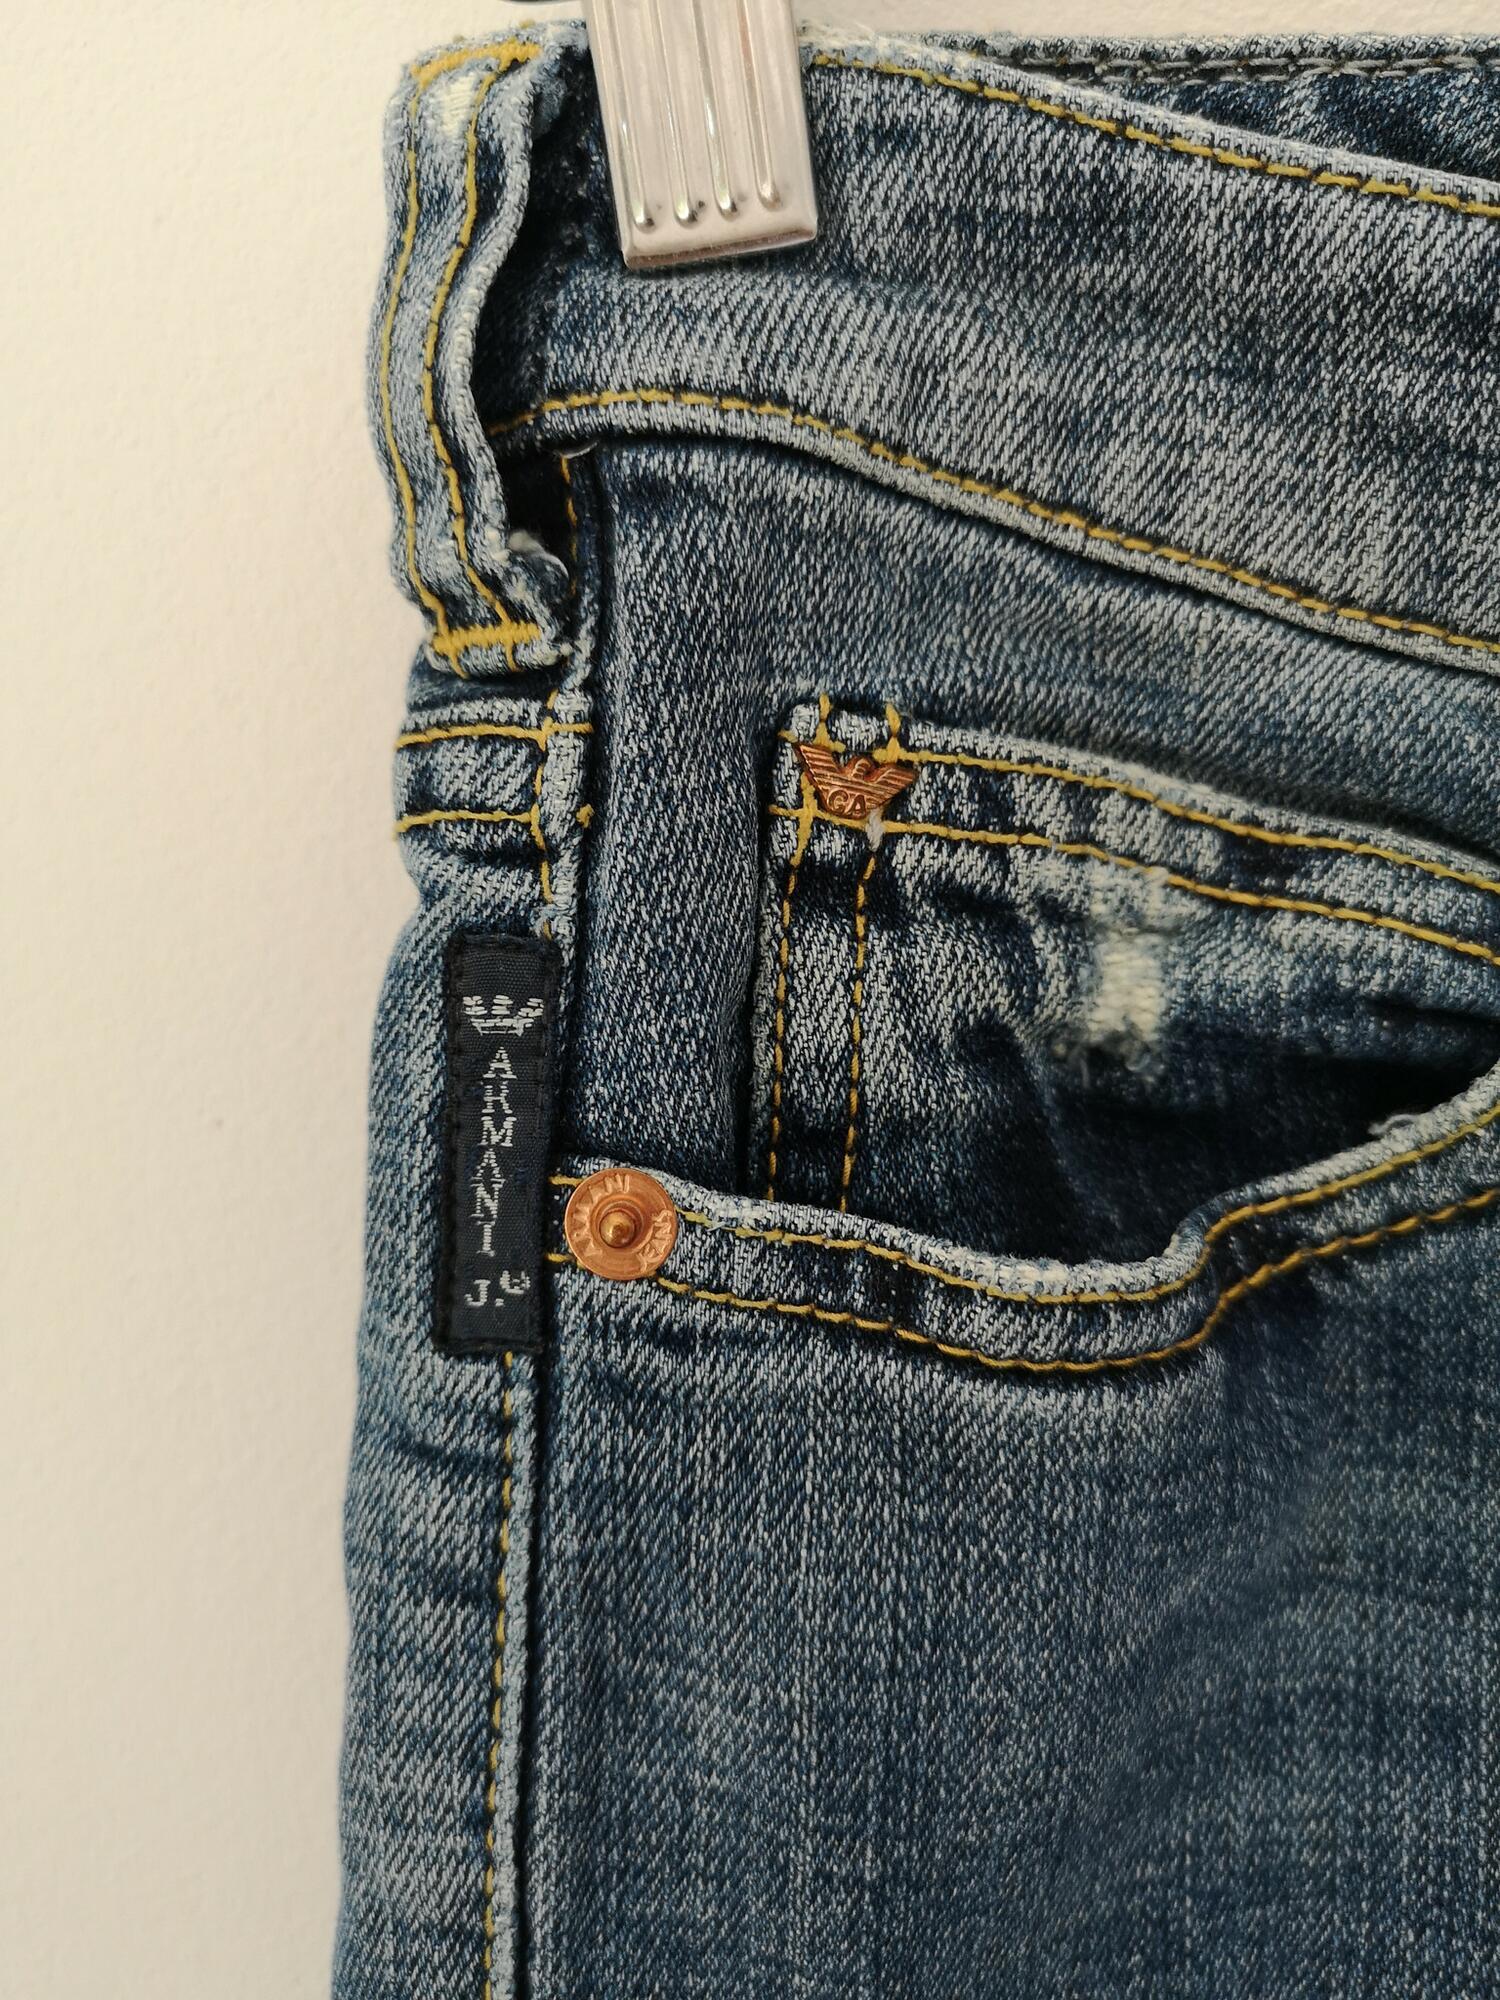 ARMANI jeans - biodrówki, proste nogawki - PONOŚ SE vintage shop | JestemSlow.pl